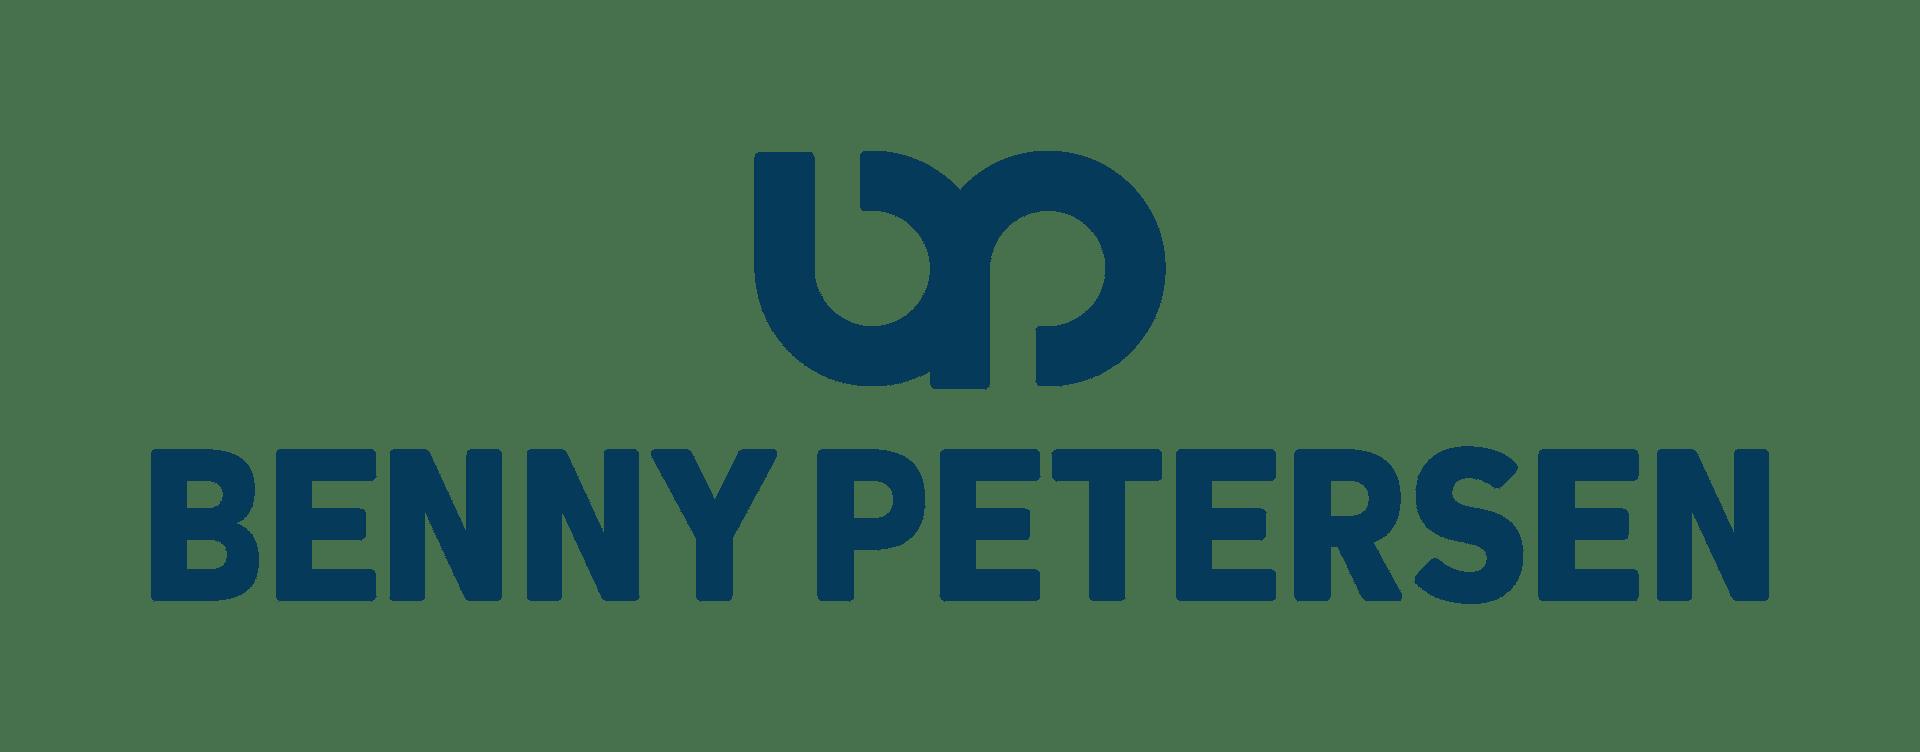 BennyPetersen-logo-rgb-pos